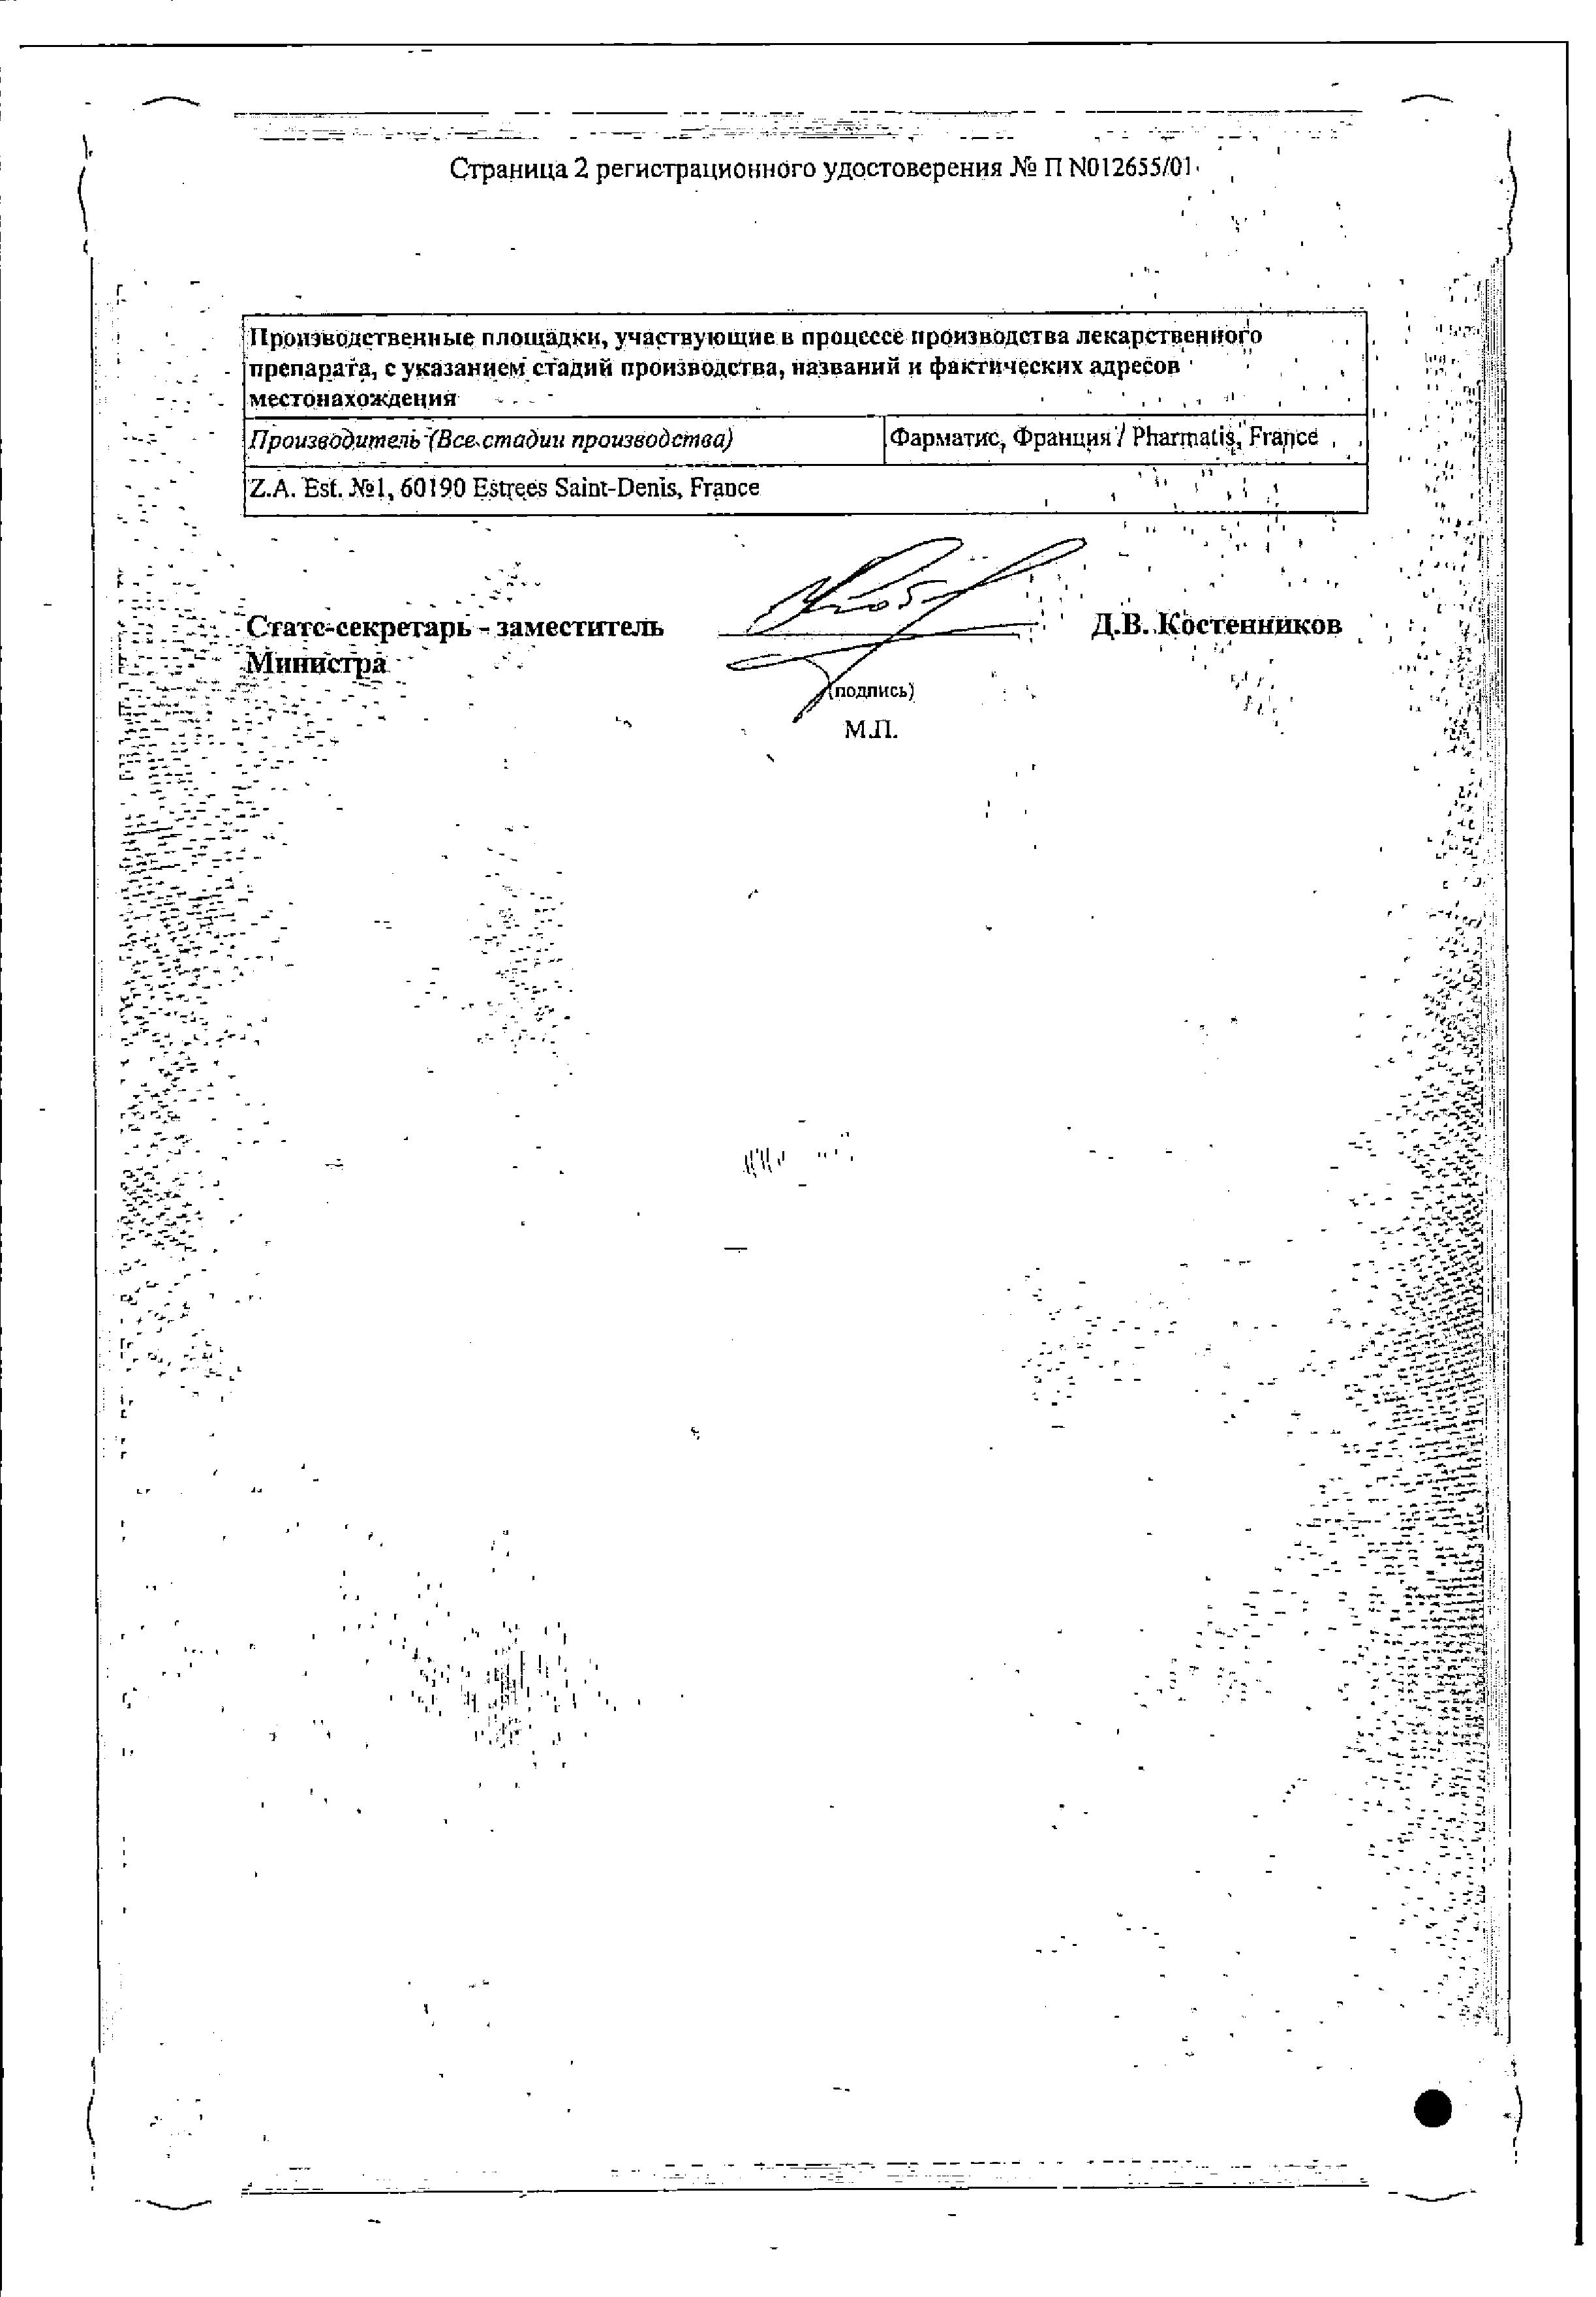 Фосфалюгель